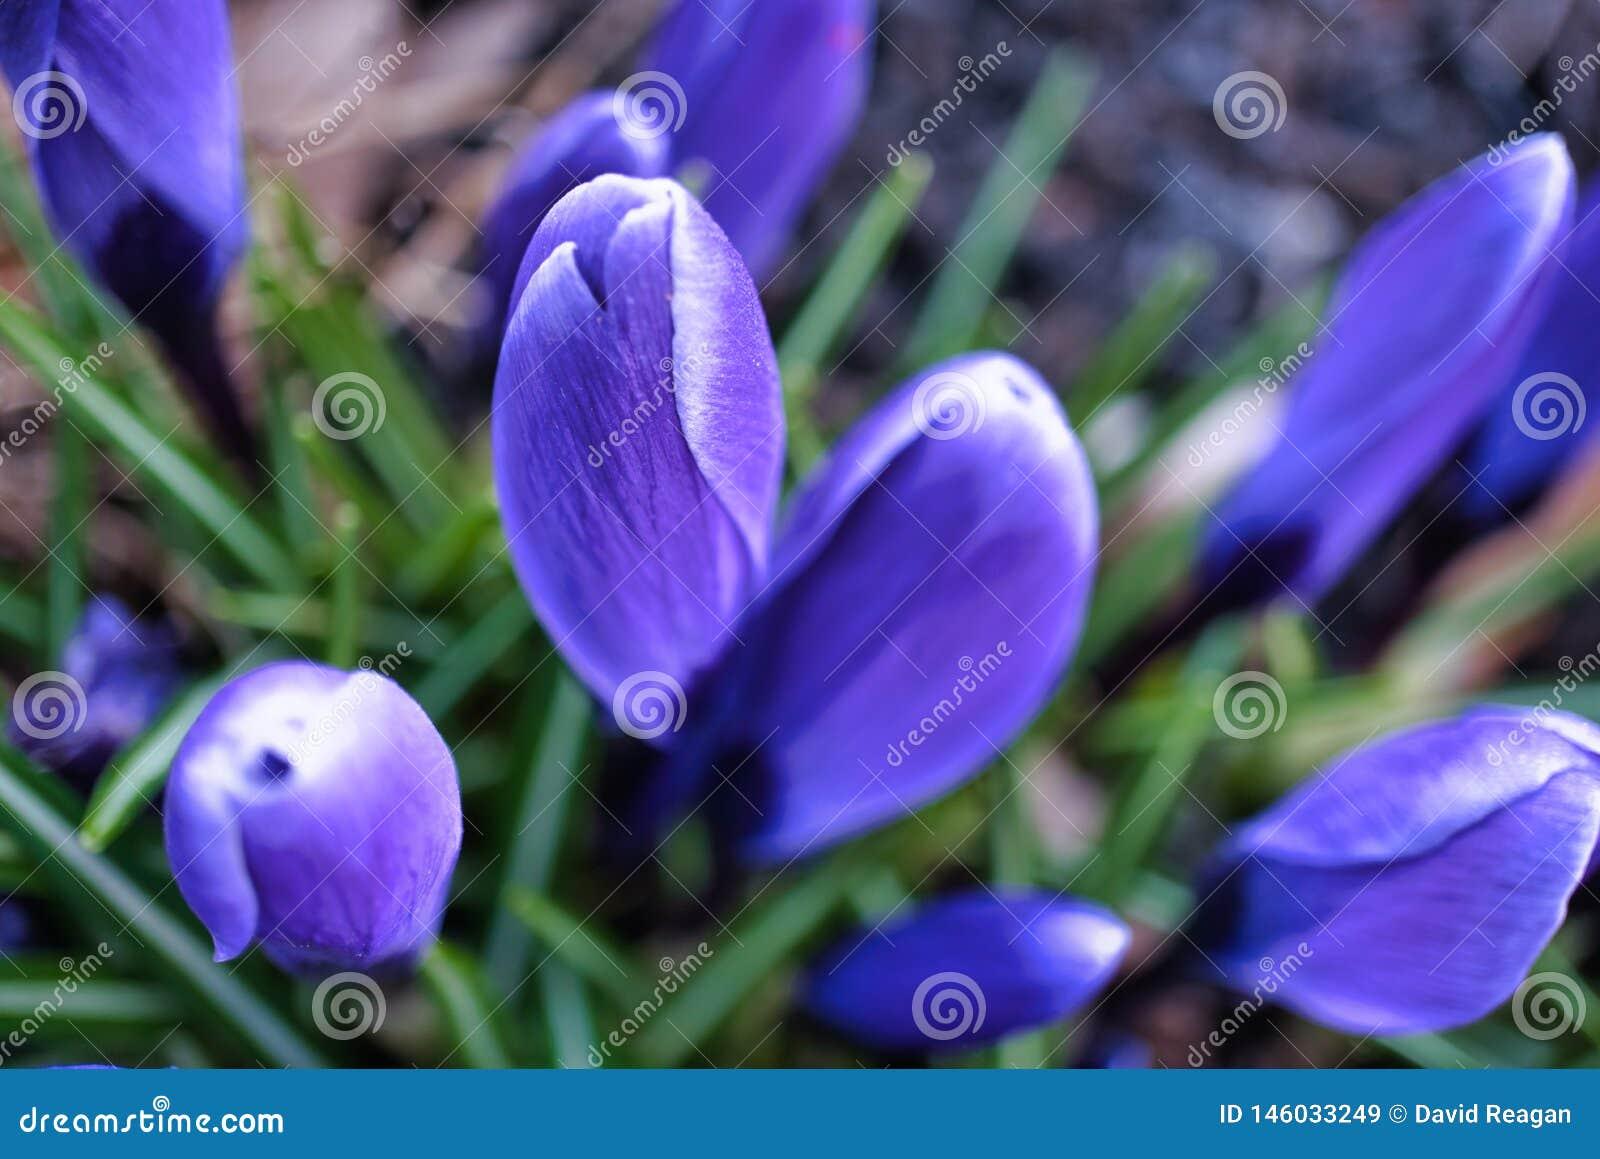 紫色番红花等待太阳的一套